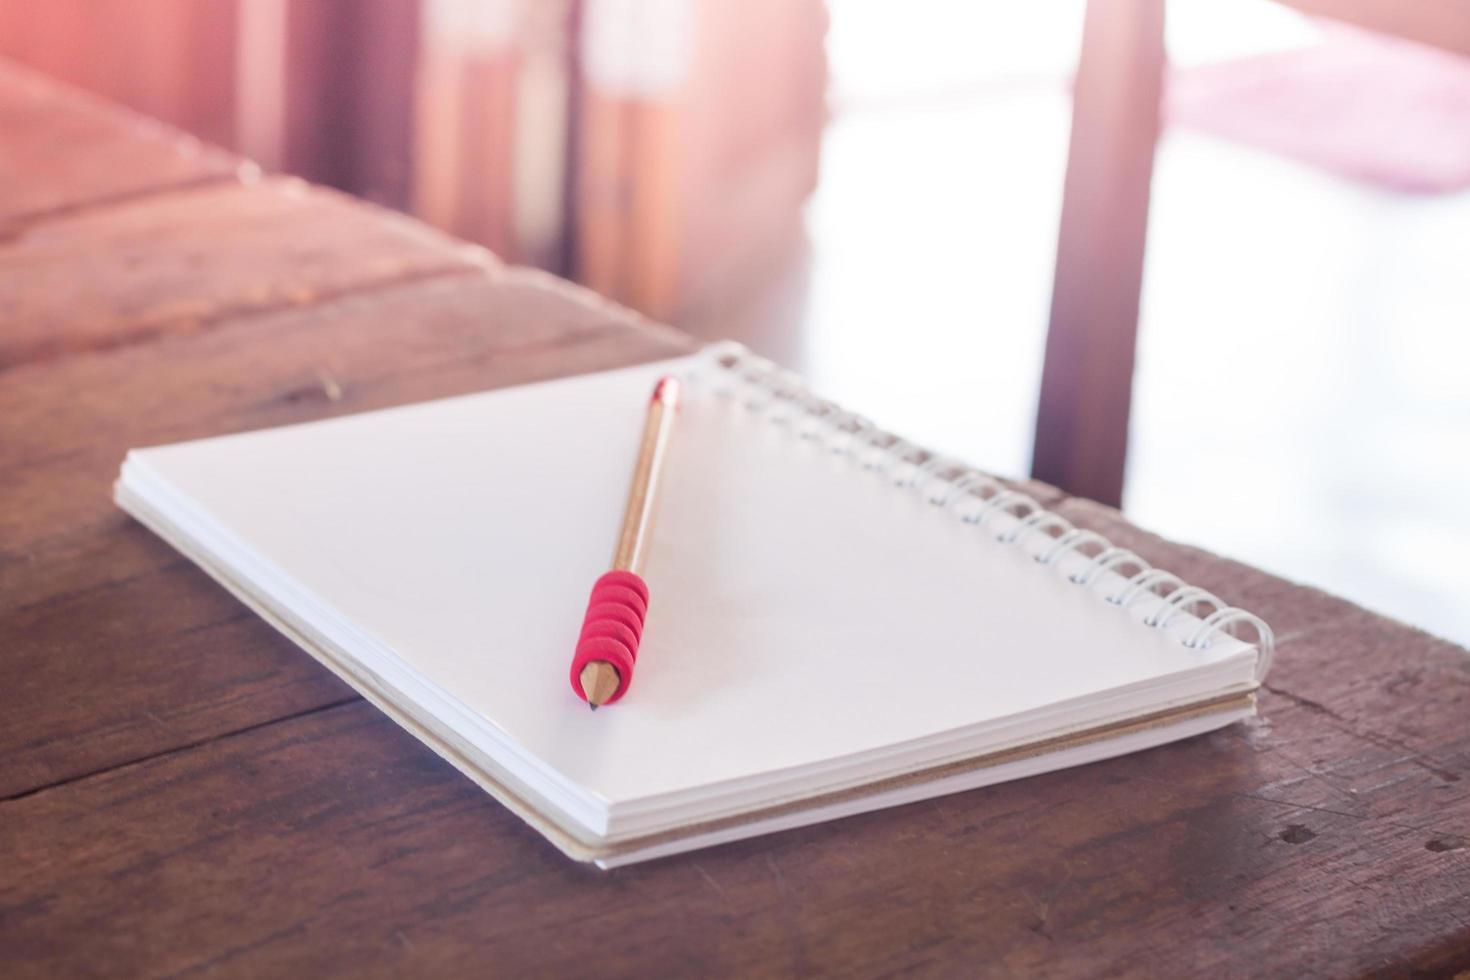 zonlicht op een tafel met een notitieboekje en potlood foto